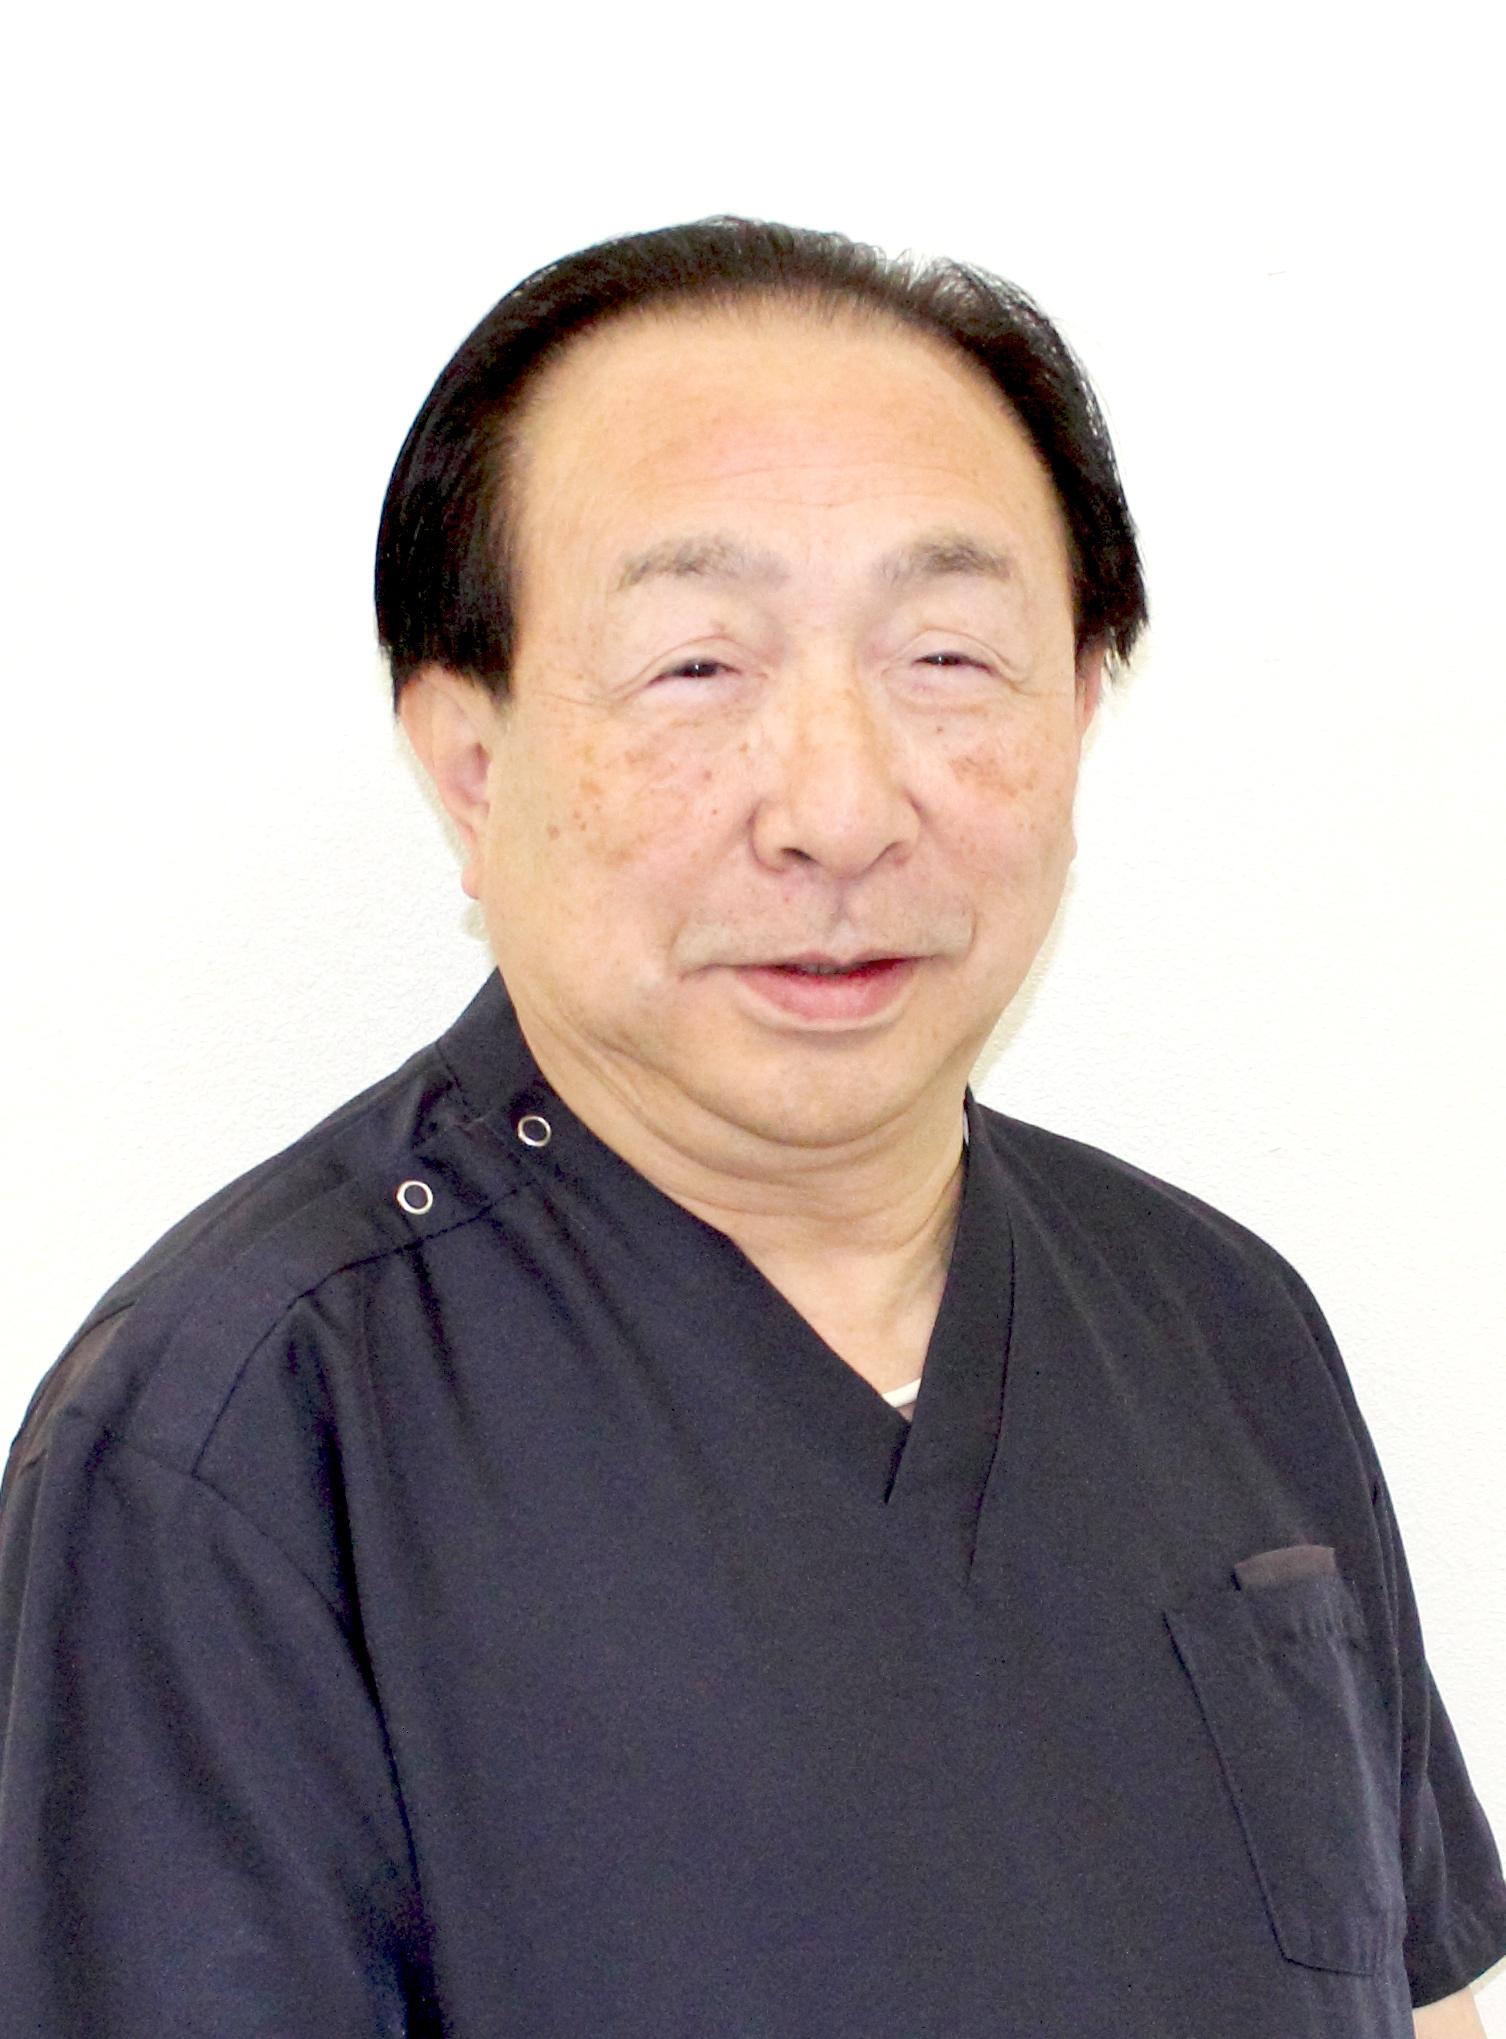 平井 眞明